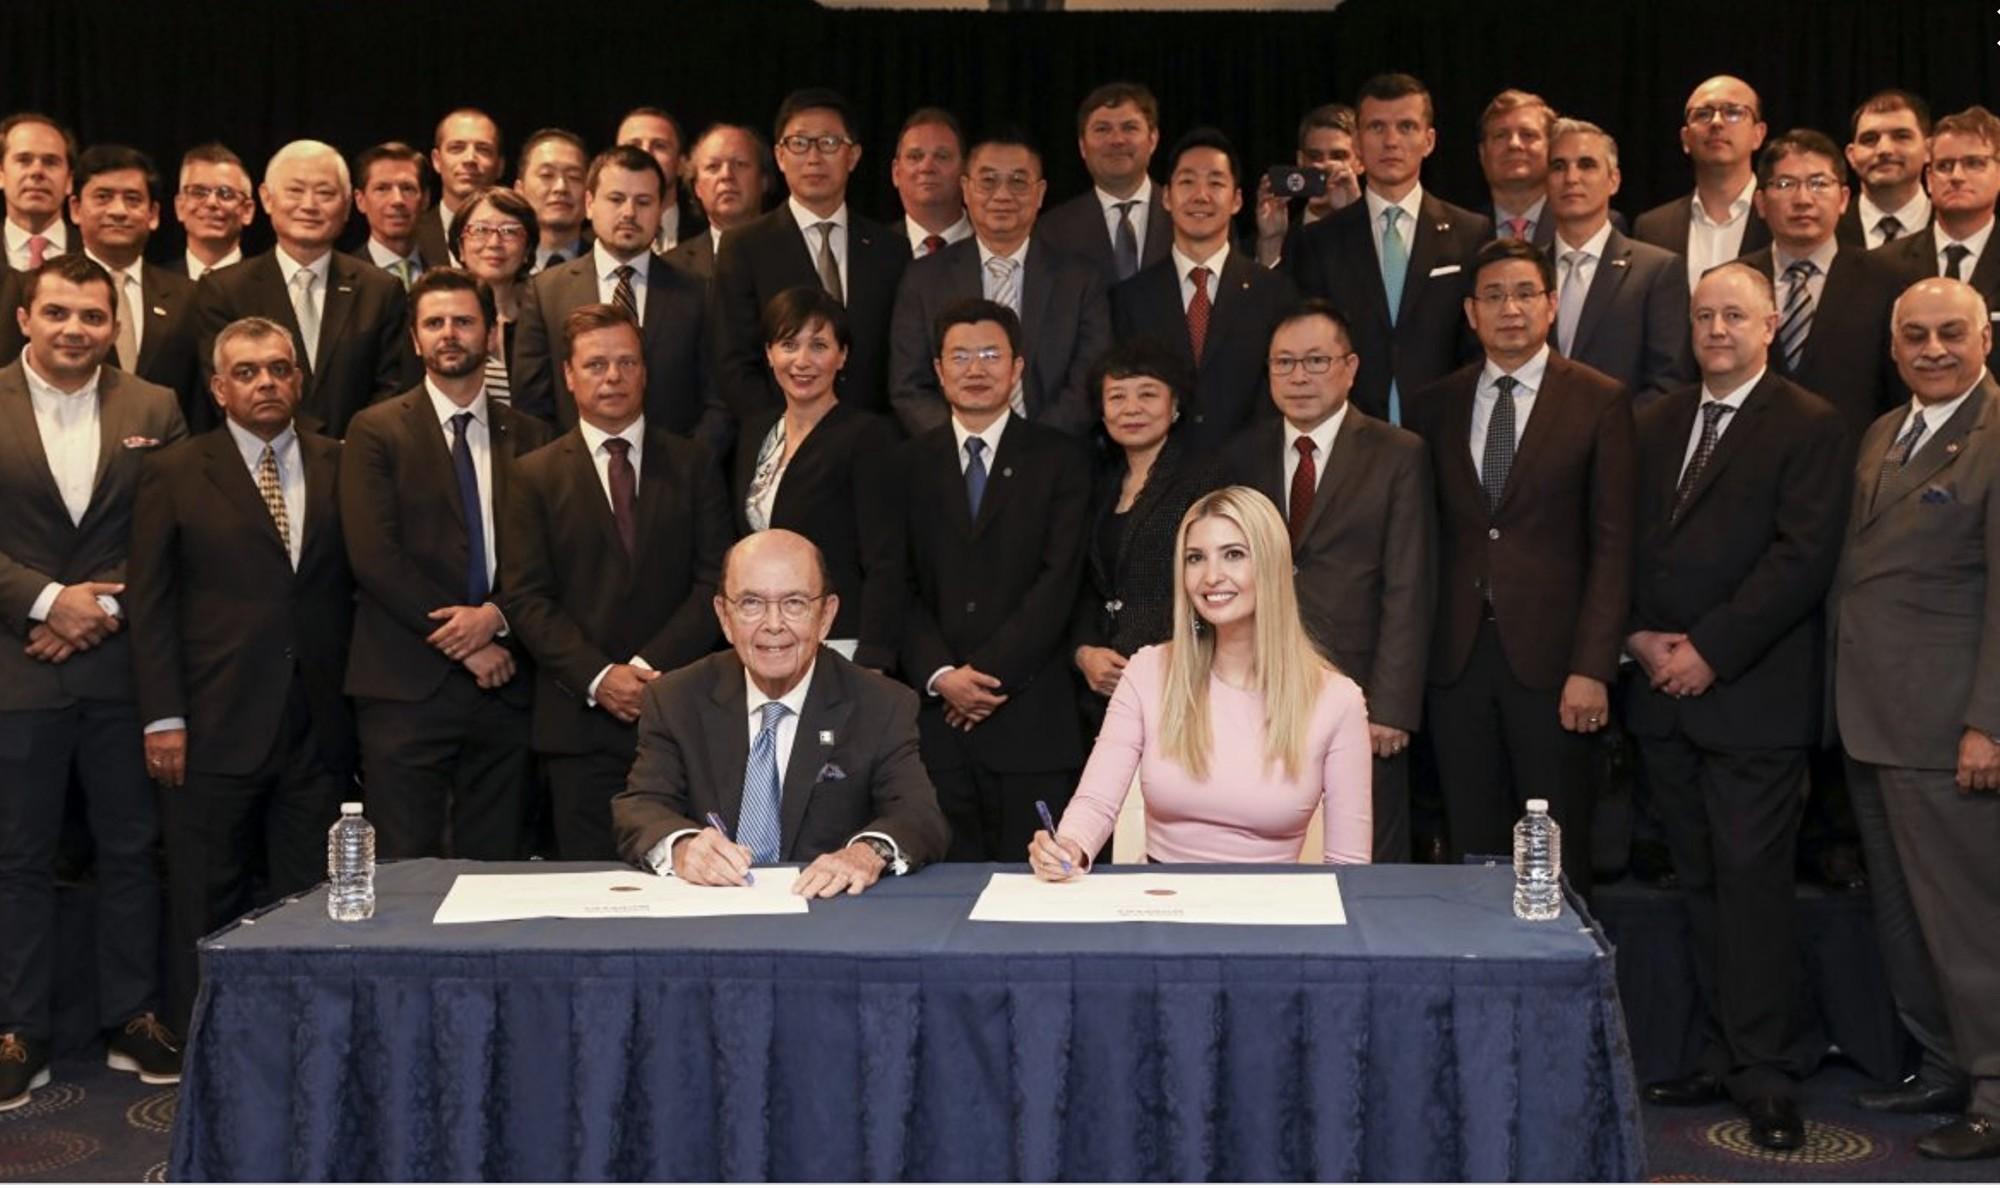 6月12日,60家外國公司的高管簽署了《對美國工人的協議》,美國商務部長威爾伯·羅斯(Wilbur Ross)和總統高級顧問伊萬卡·特朗普代表美方簽署了這一協議。(Samira Bouaou/大紀元)